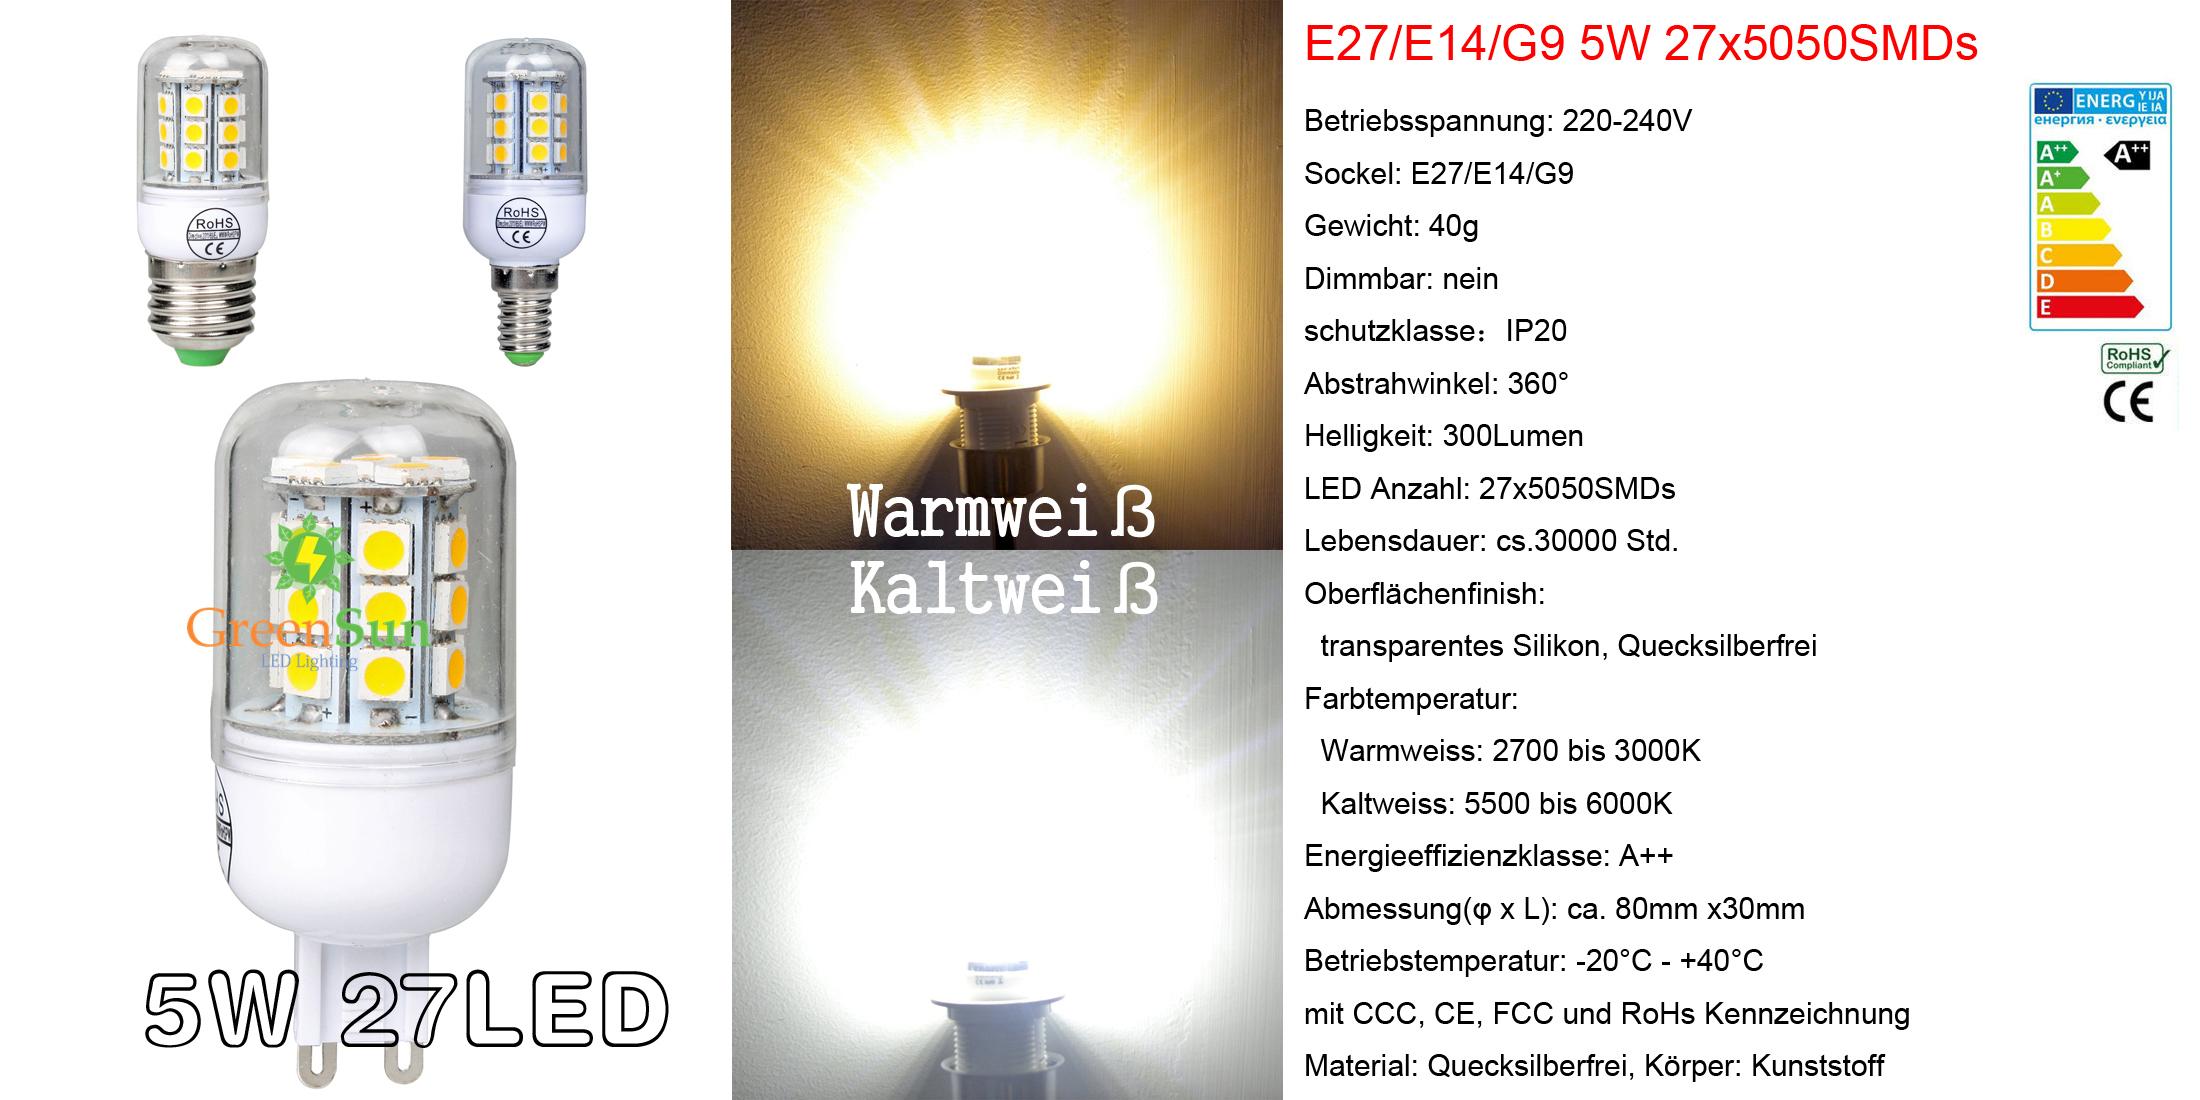 g4 g9 e14 e27 led leuchtmittel lampe filament stecklampe. Black Bedroom Furniture Sets. Home Design Ideas